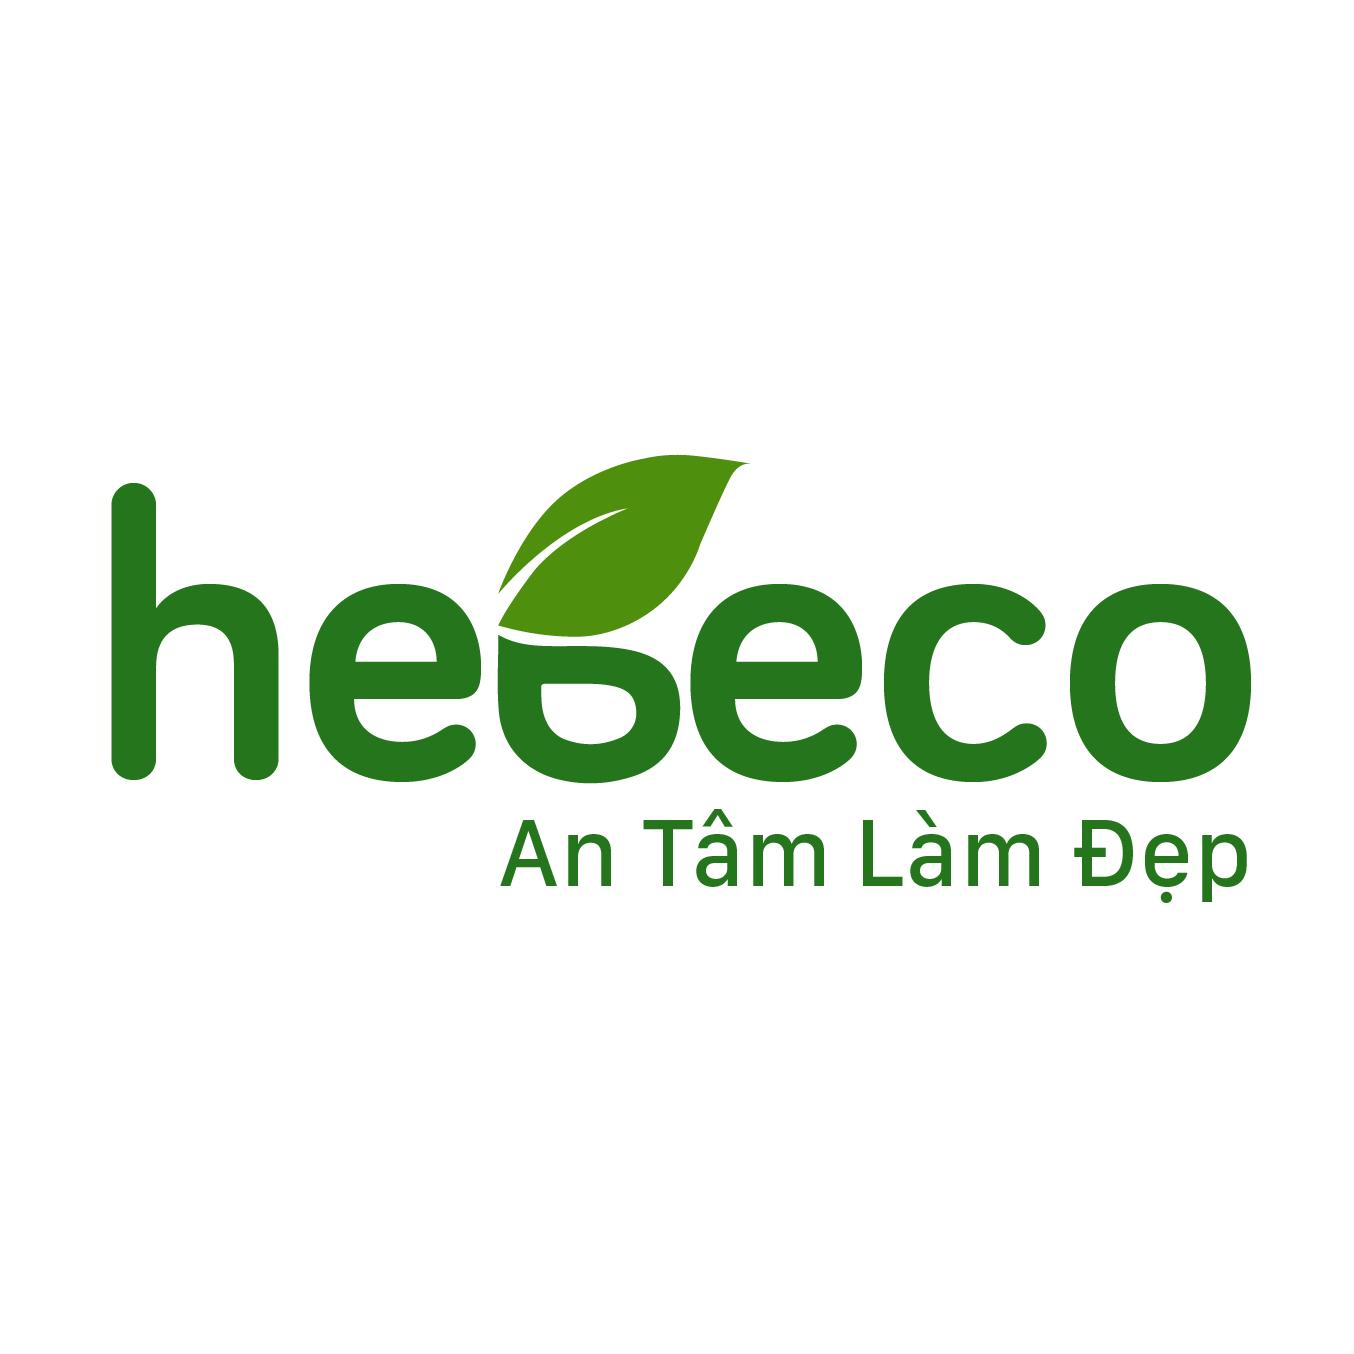 Hebeco